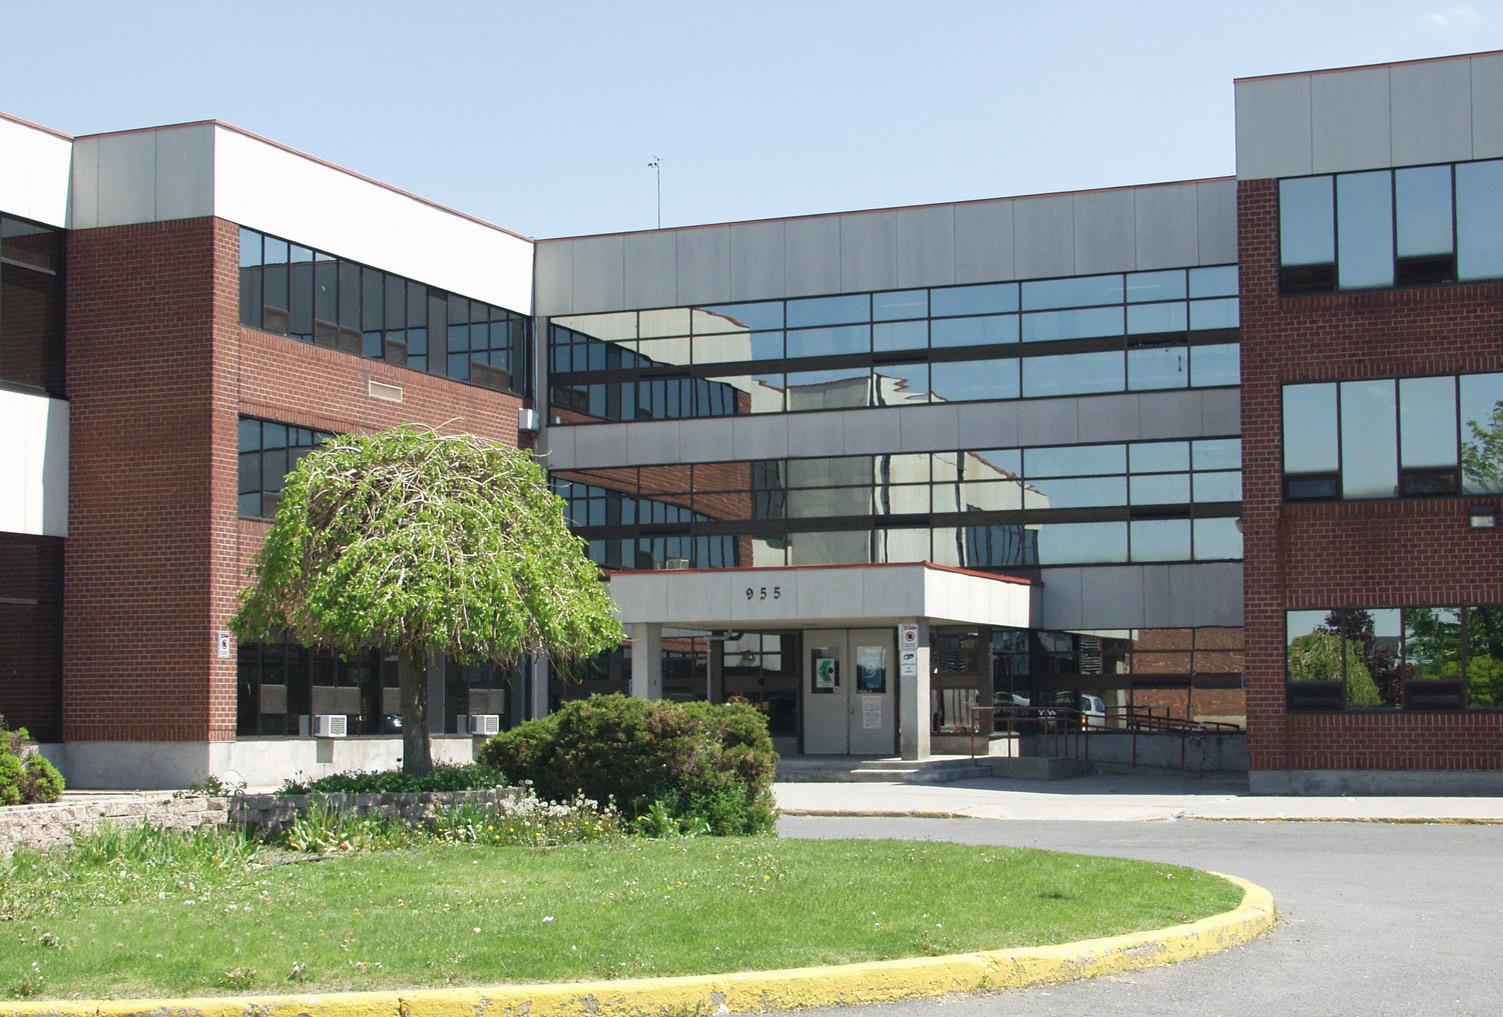 Développement : l'école De Mortagne fermée 14 jours, les tests Covid se poursuivent pour les groupes de secondaire 3, 4 et 5